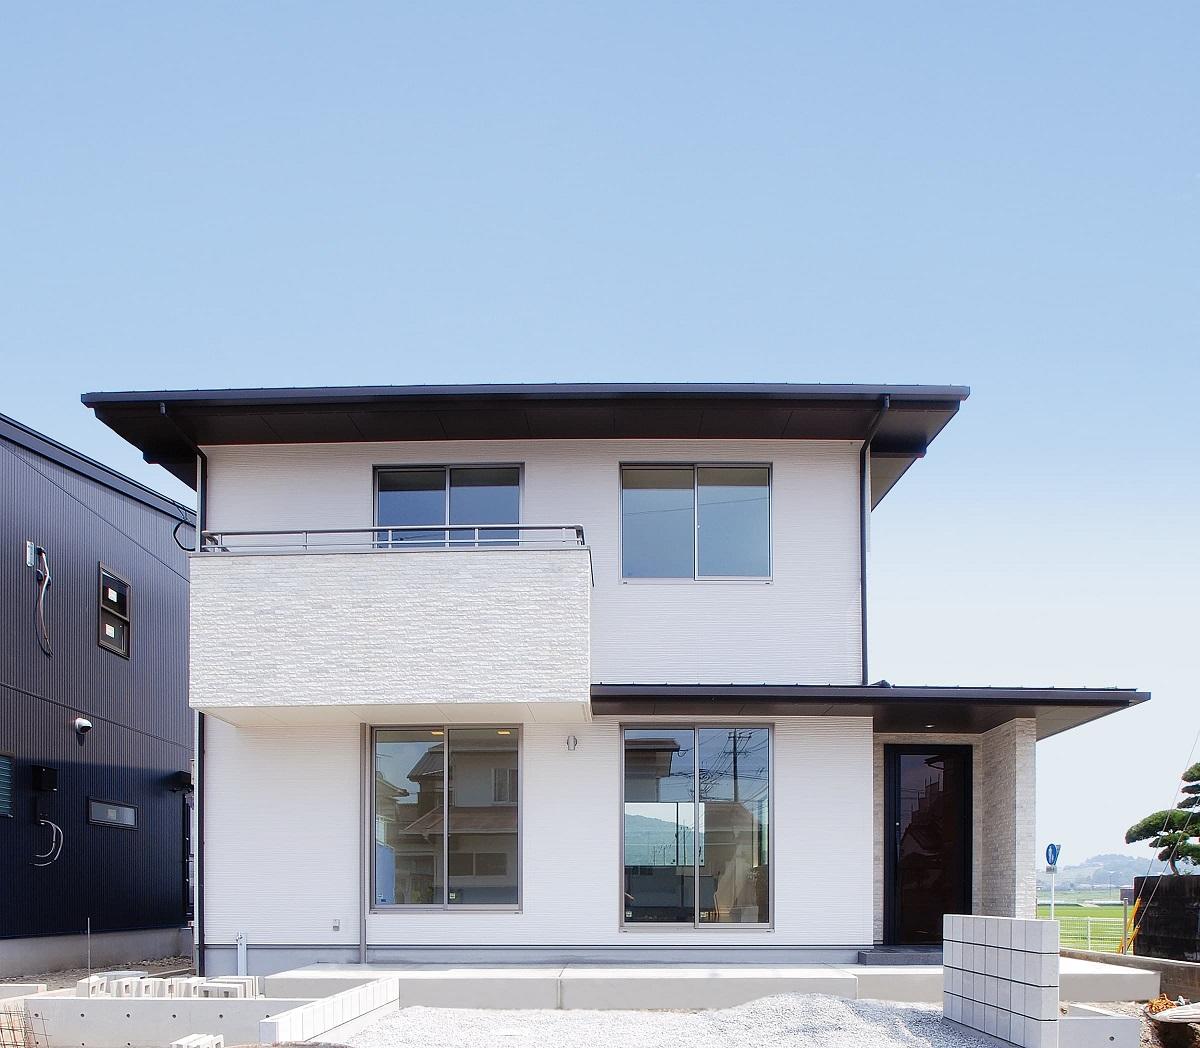 施工事例 4 南側のファサードをデザインした長期優良住宅